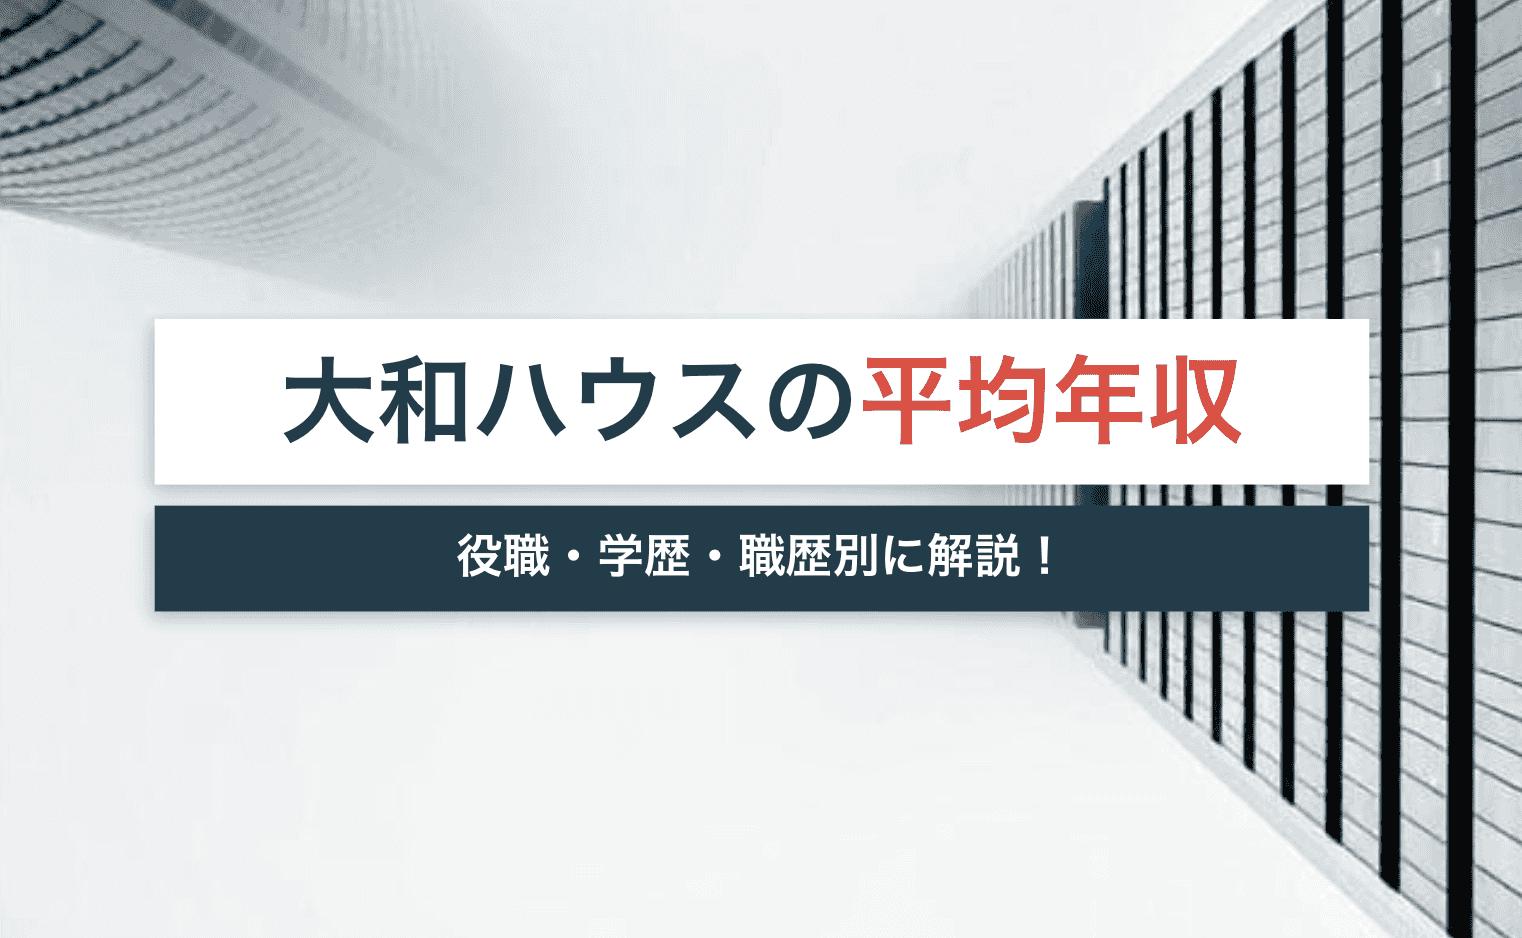 大和ハウスの平均年収は?昇給・賞与・手当等を役職・学歴・職歴別に解説!